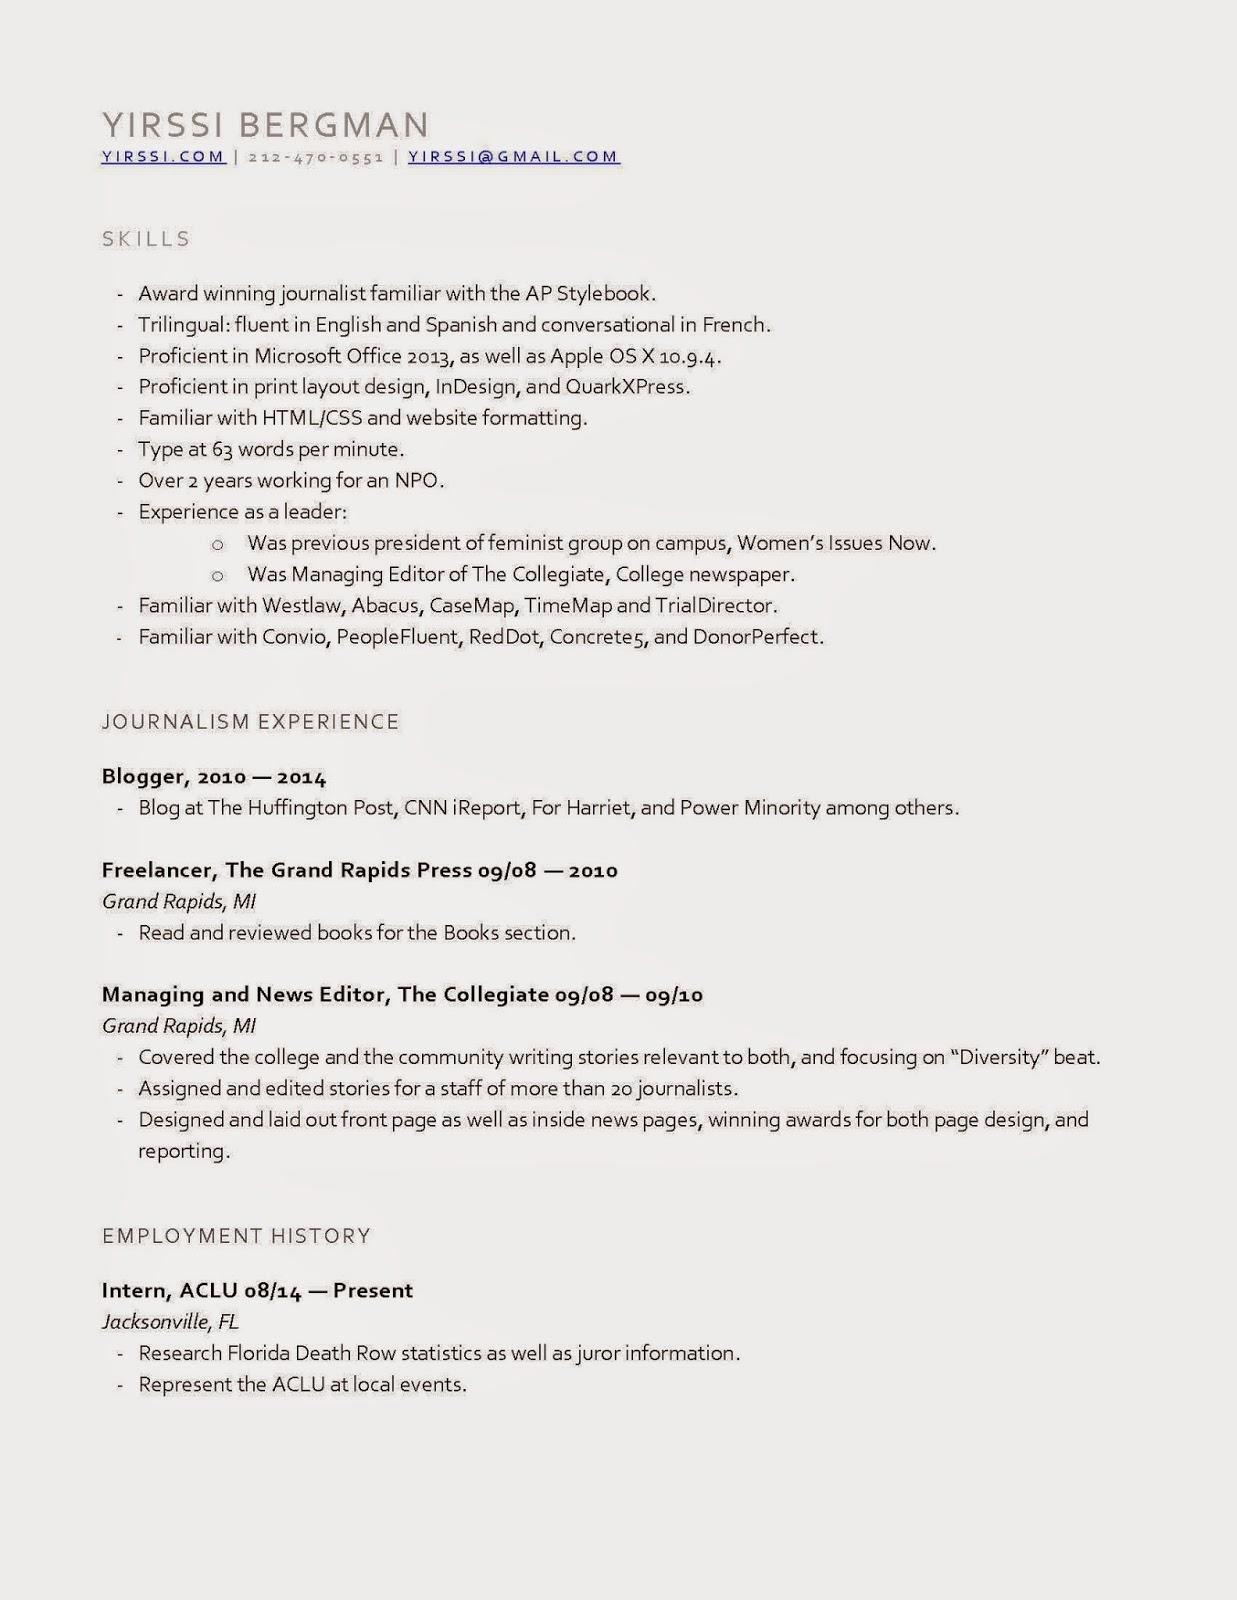 Yirssi: Curriculum Vitae